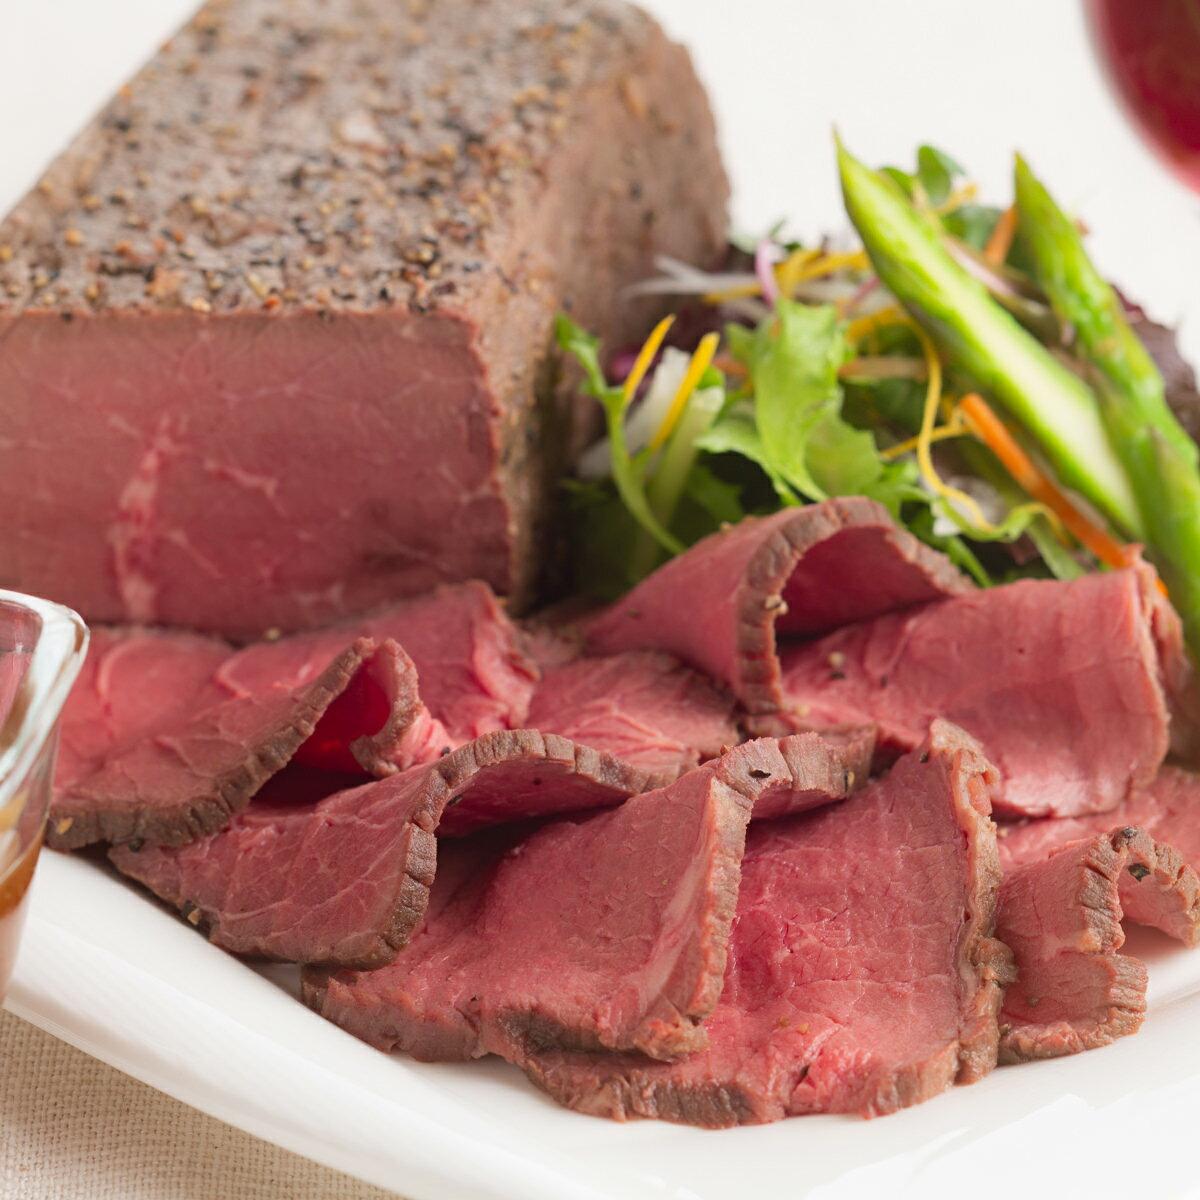 モルソー 秋元さくら監修 赤ワインとオニオンのソースで食べるローストビーフ 冷凍 日比谷 レストラン 惣菜 ローストビーフ